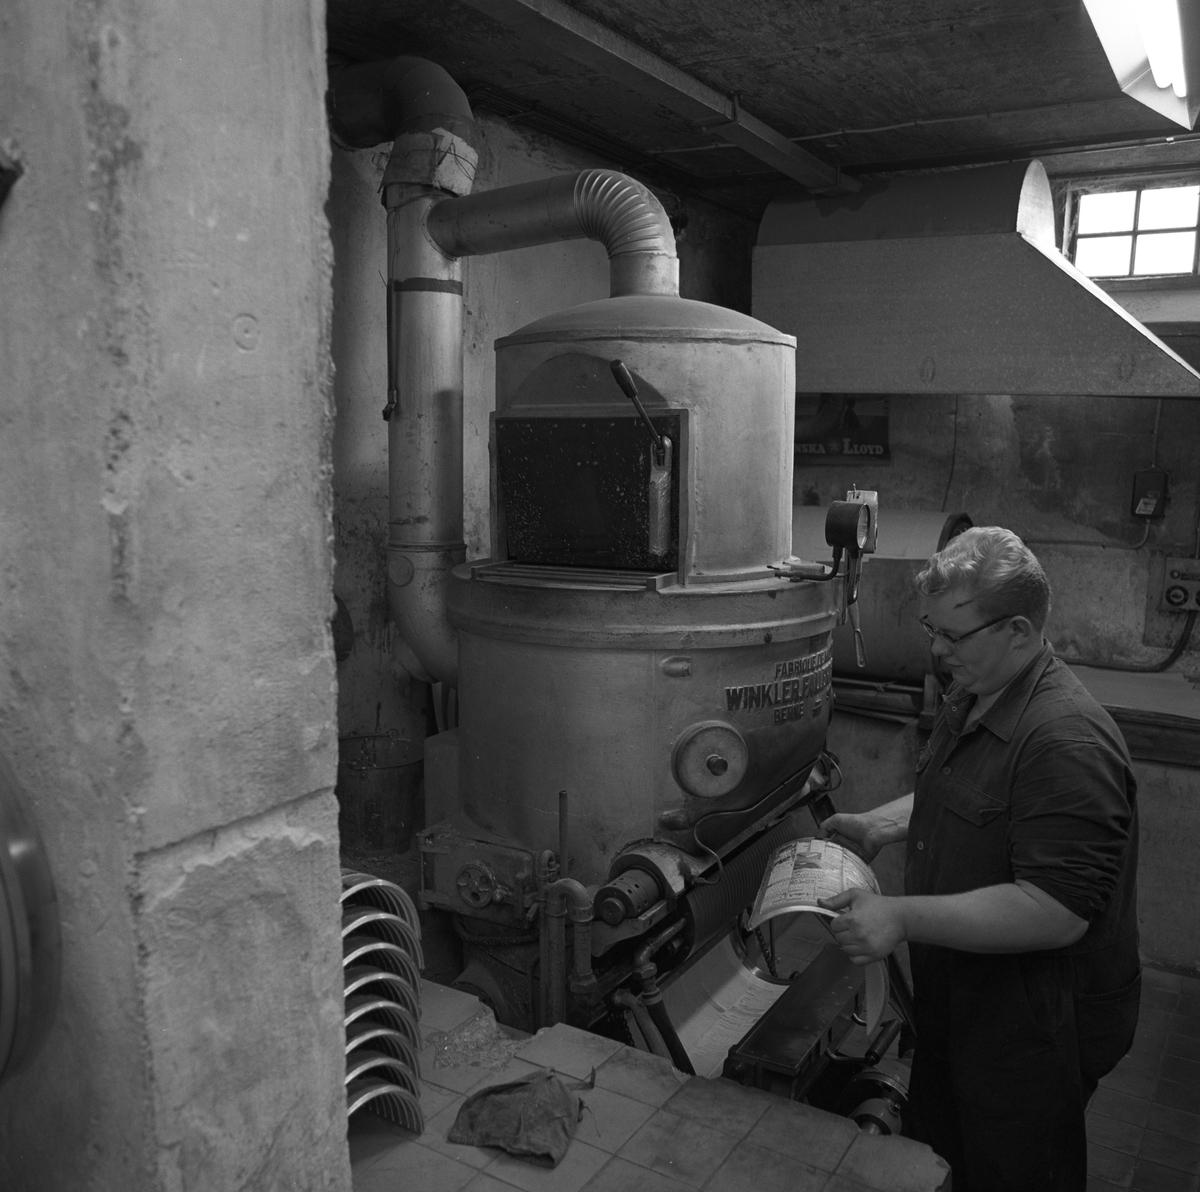 Arboga Tidning, personal och interiör. En man, iklädd overall, arbetar vid en maskin. Han håller i en plåt som används för att trycka en tidningssida. Flera plåtar syns till vänster i bild. Mannen vistas i en källarlokal.